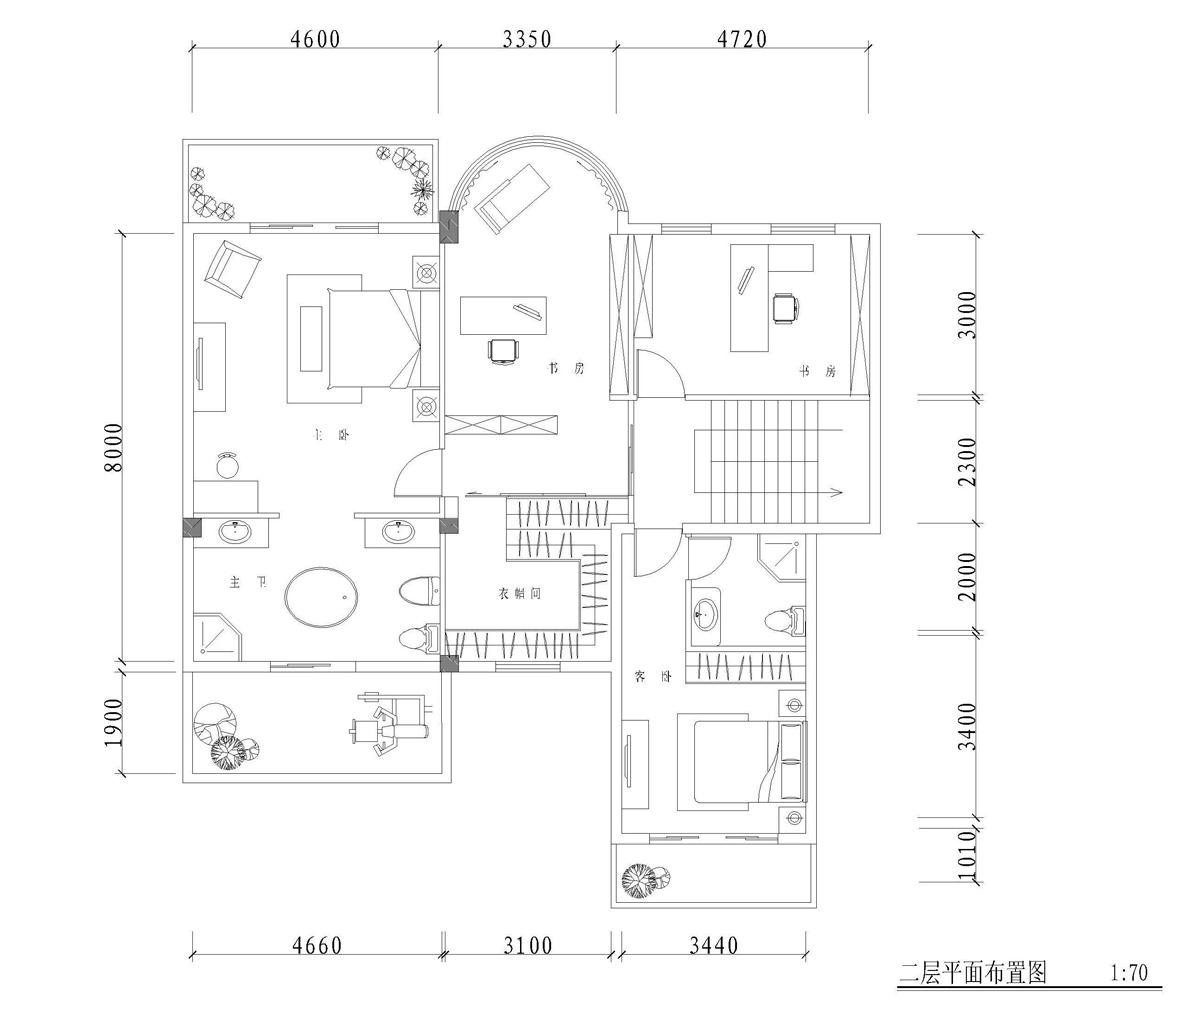 二层平面布局图; 二层别墅布局图;